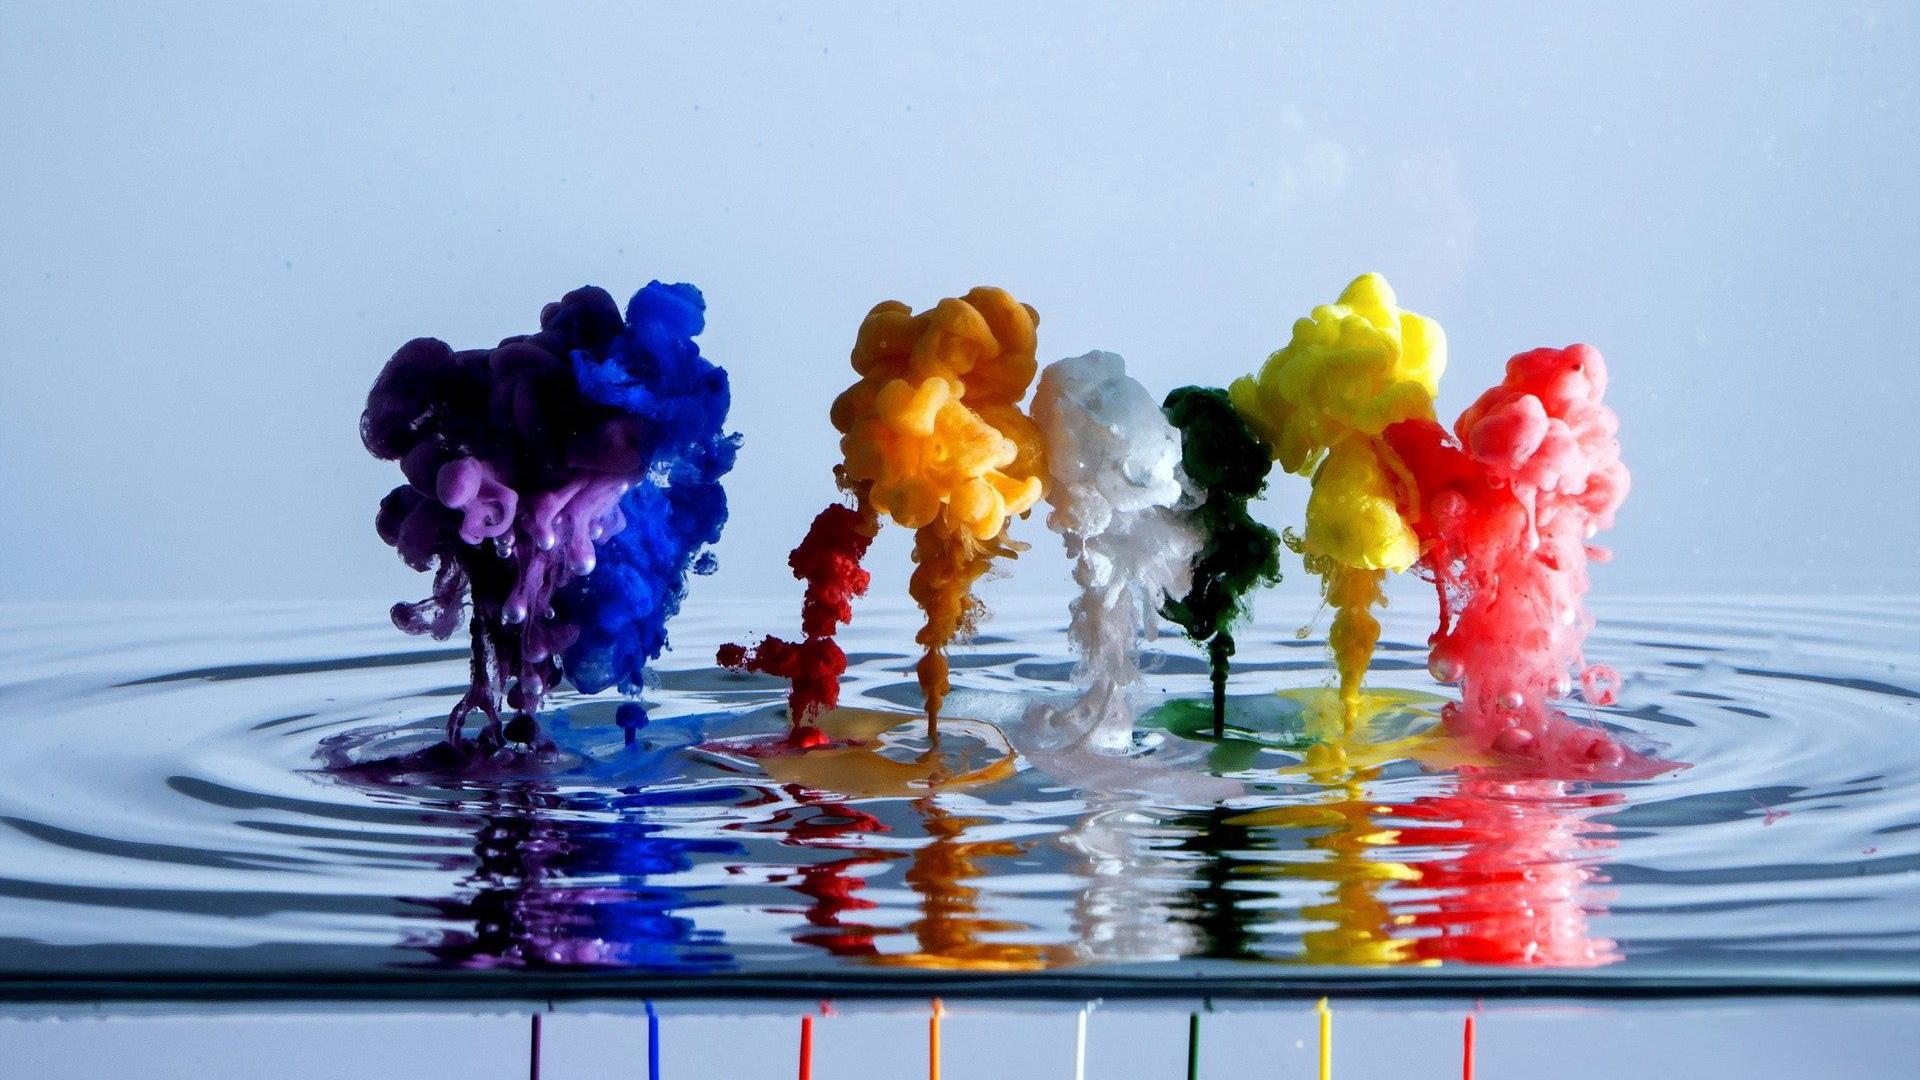 Màu sơn hòa vào nước 4K